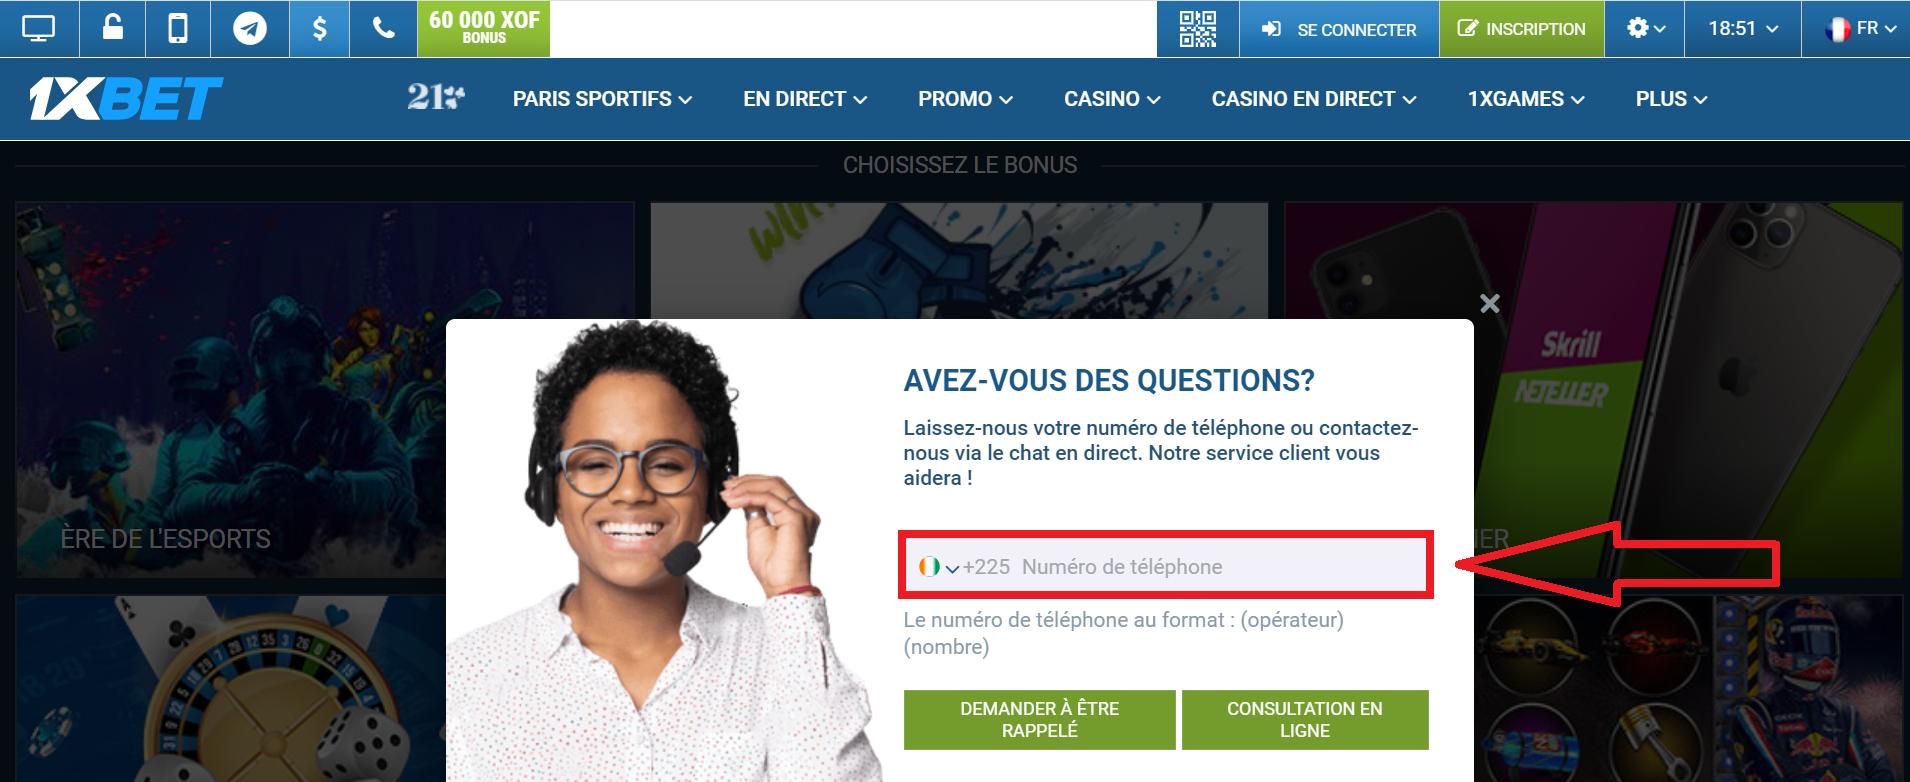 1xBet inscription Côte d'Ivoire: application et création de compte